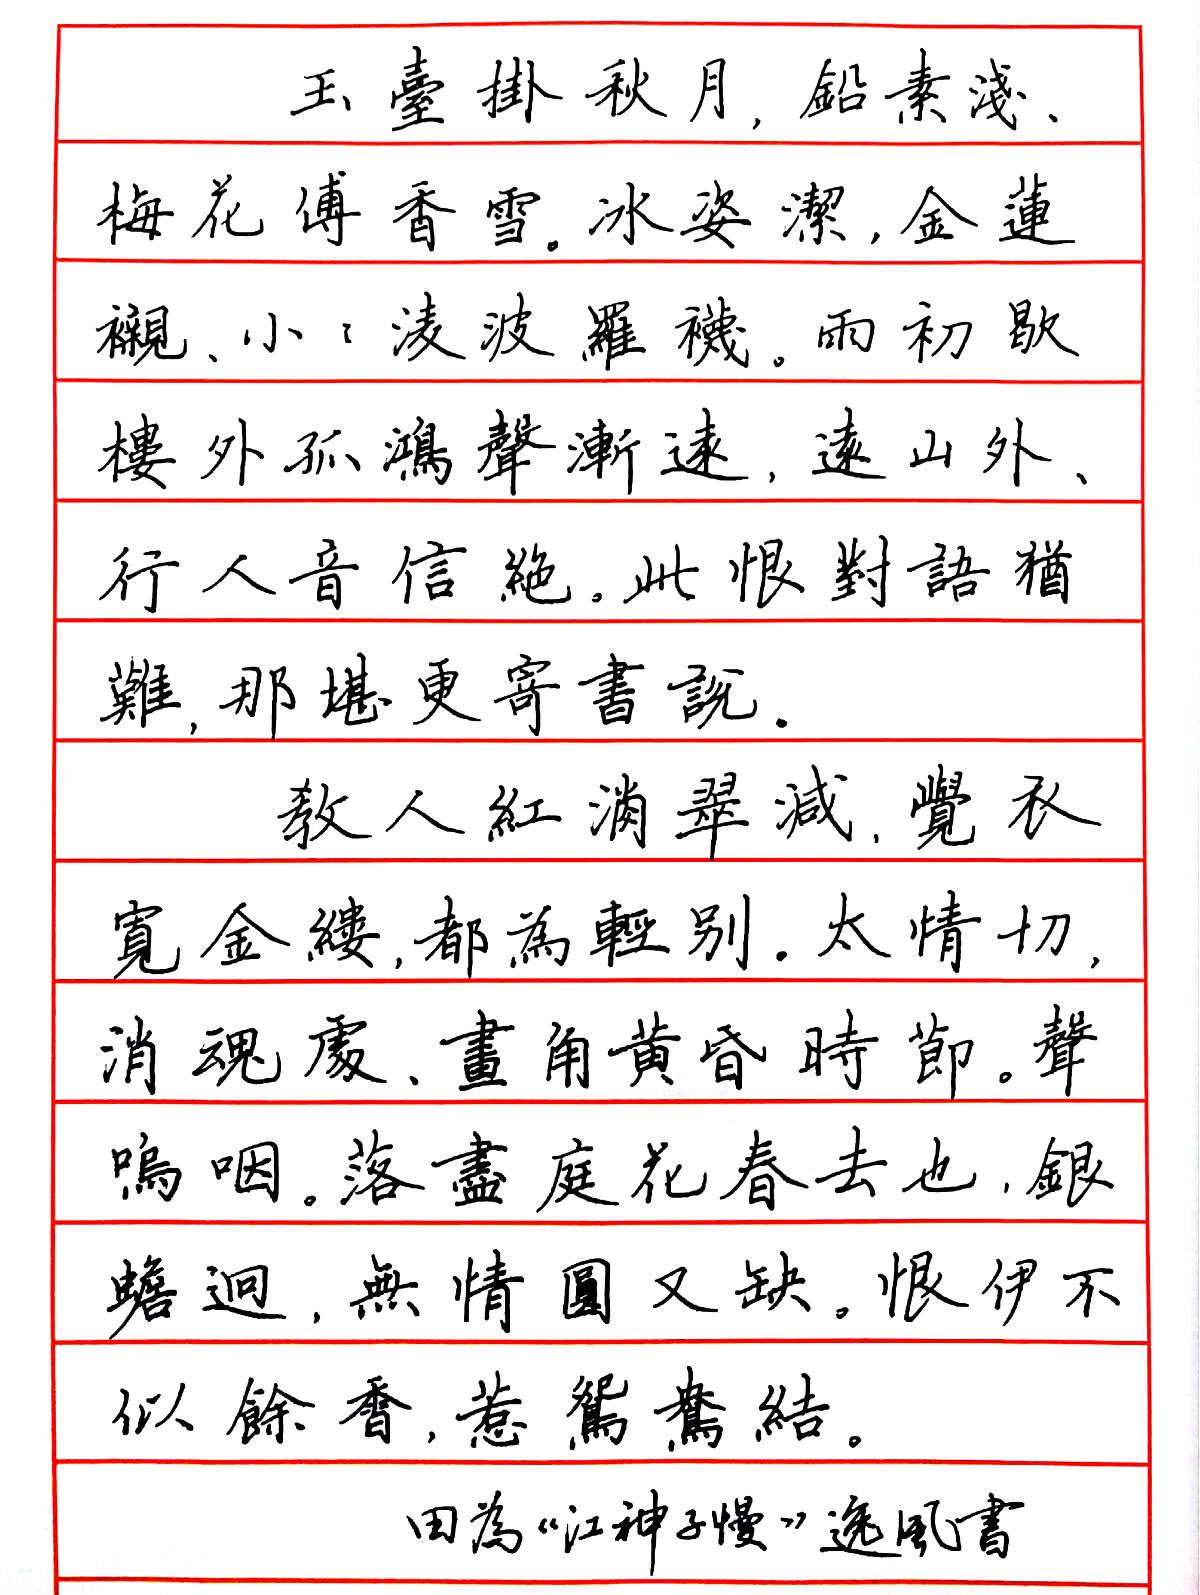 上海的孩子